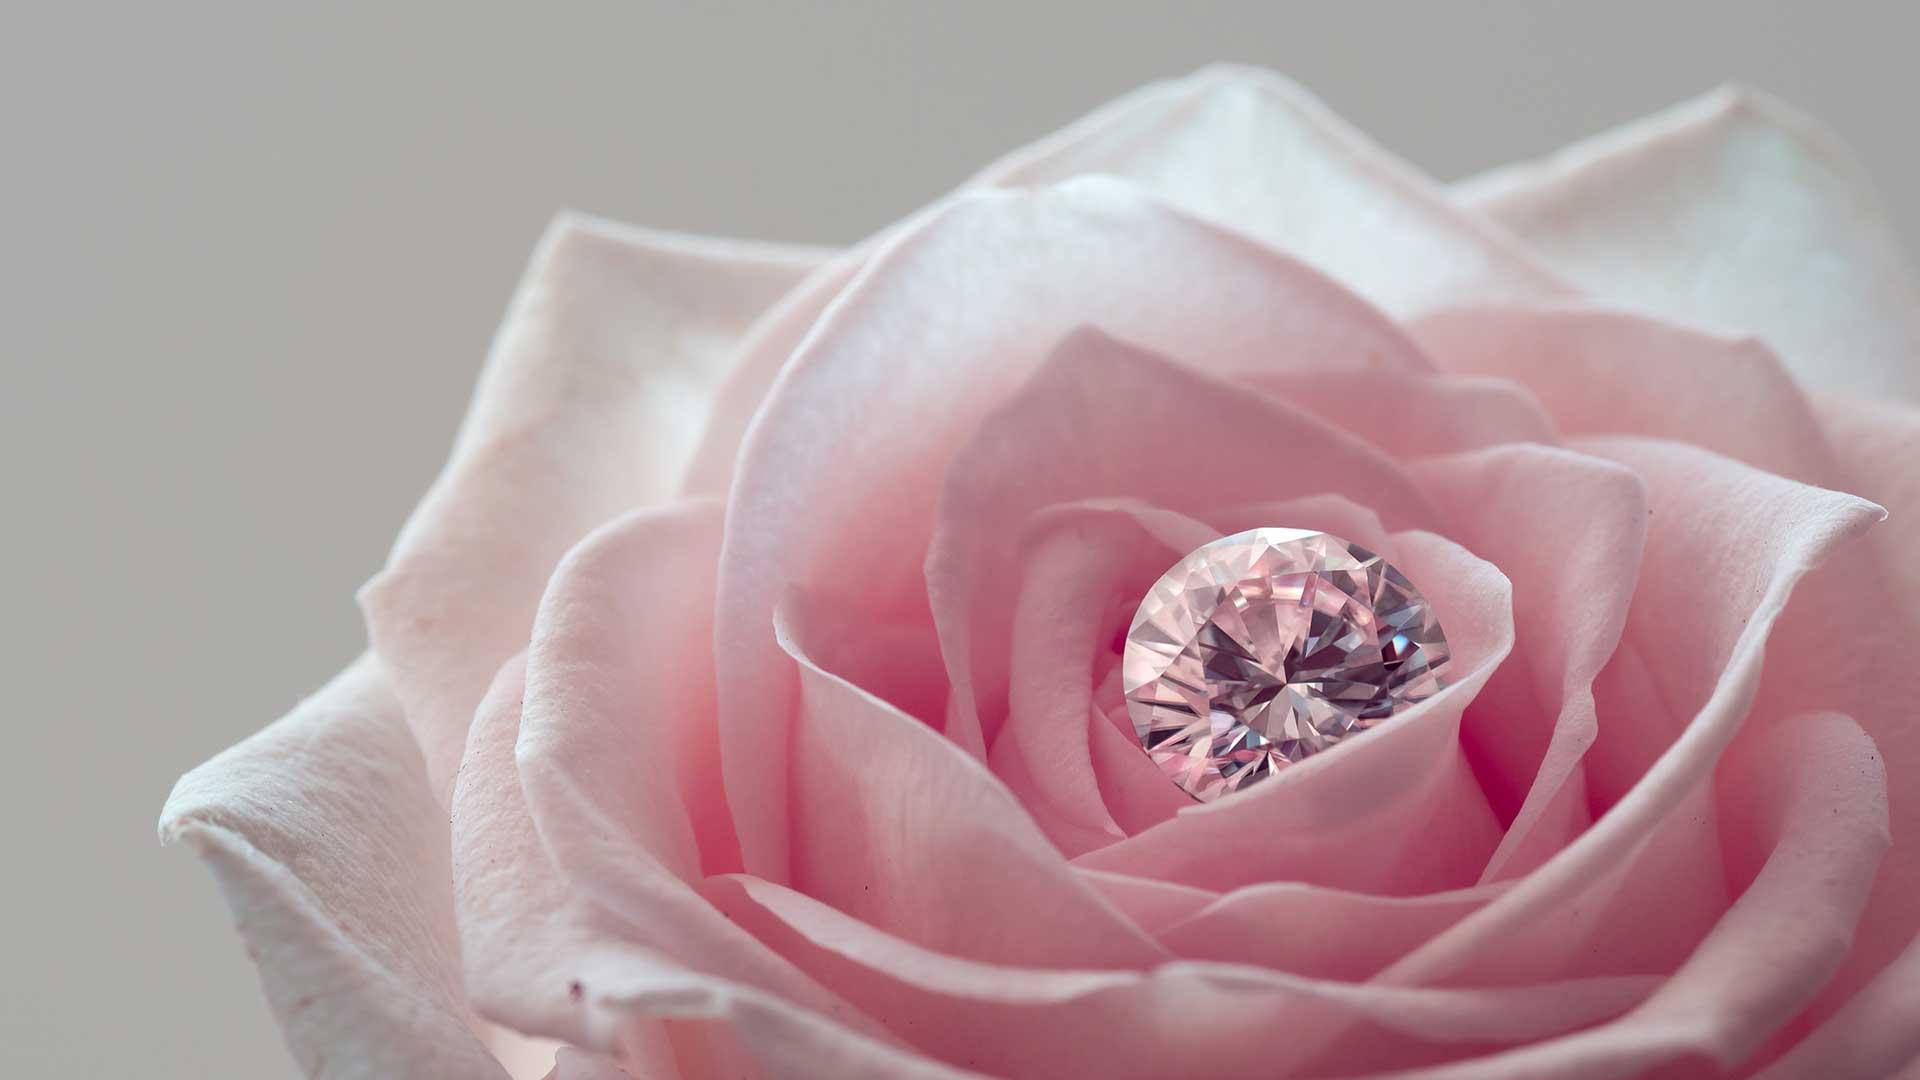 artisan diamantaire joaillier : un métier passion